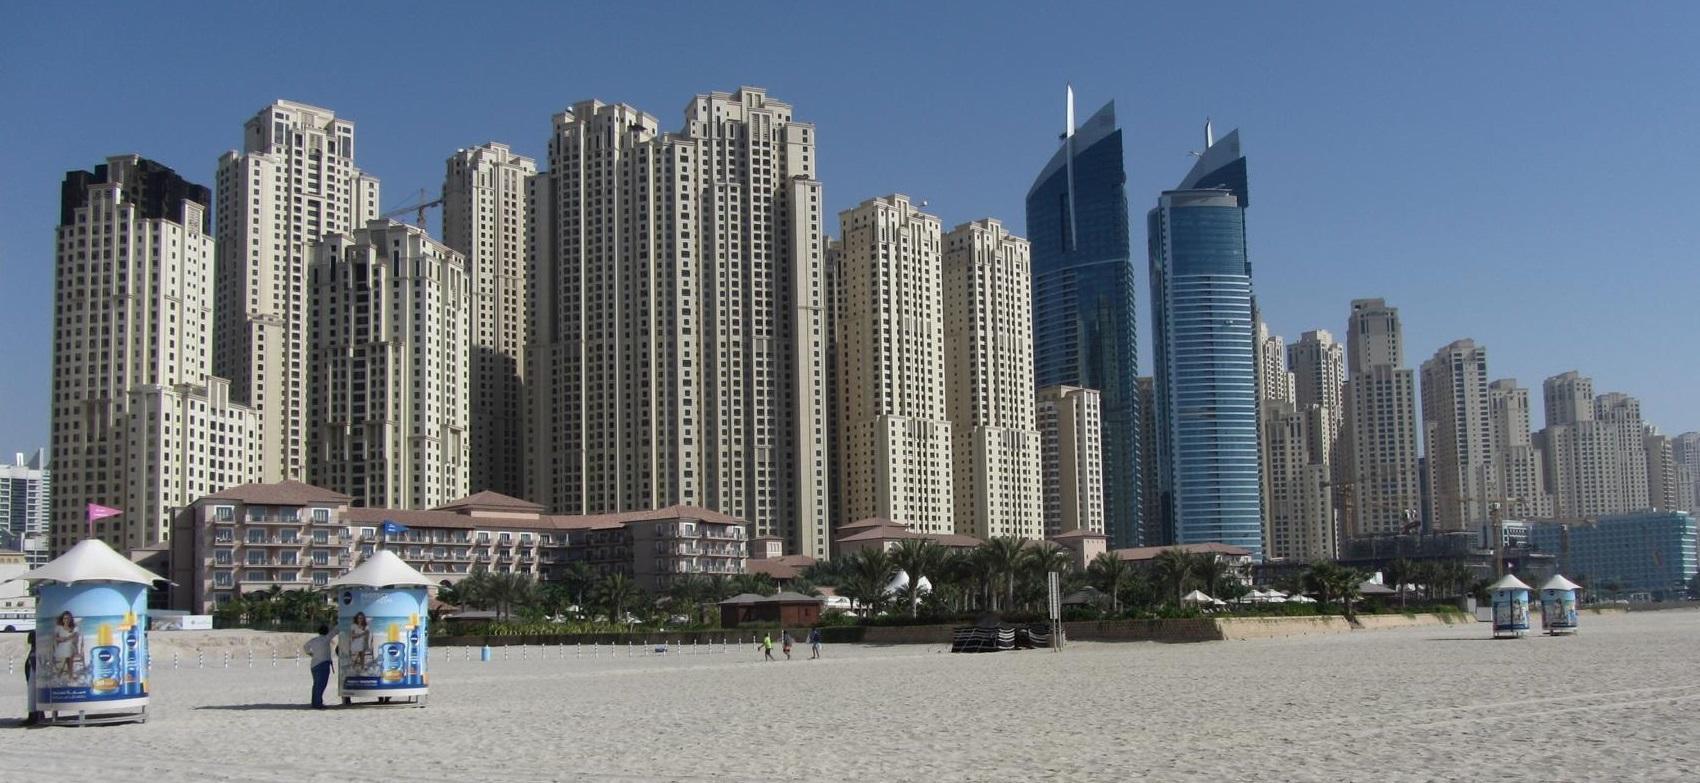 Dubai city destination